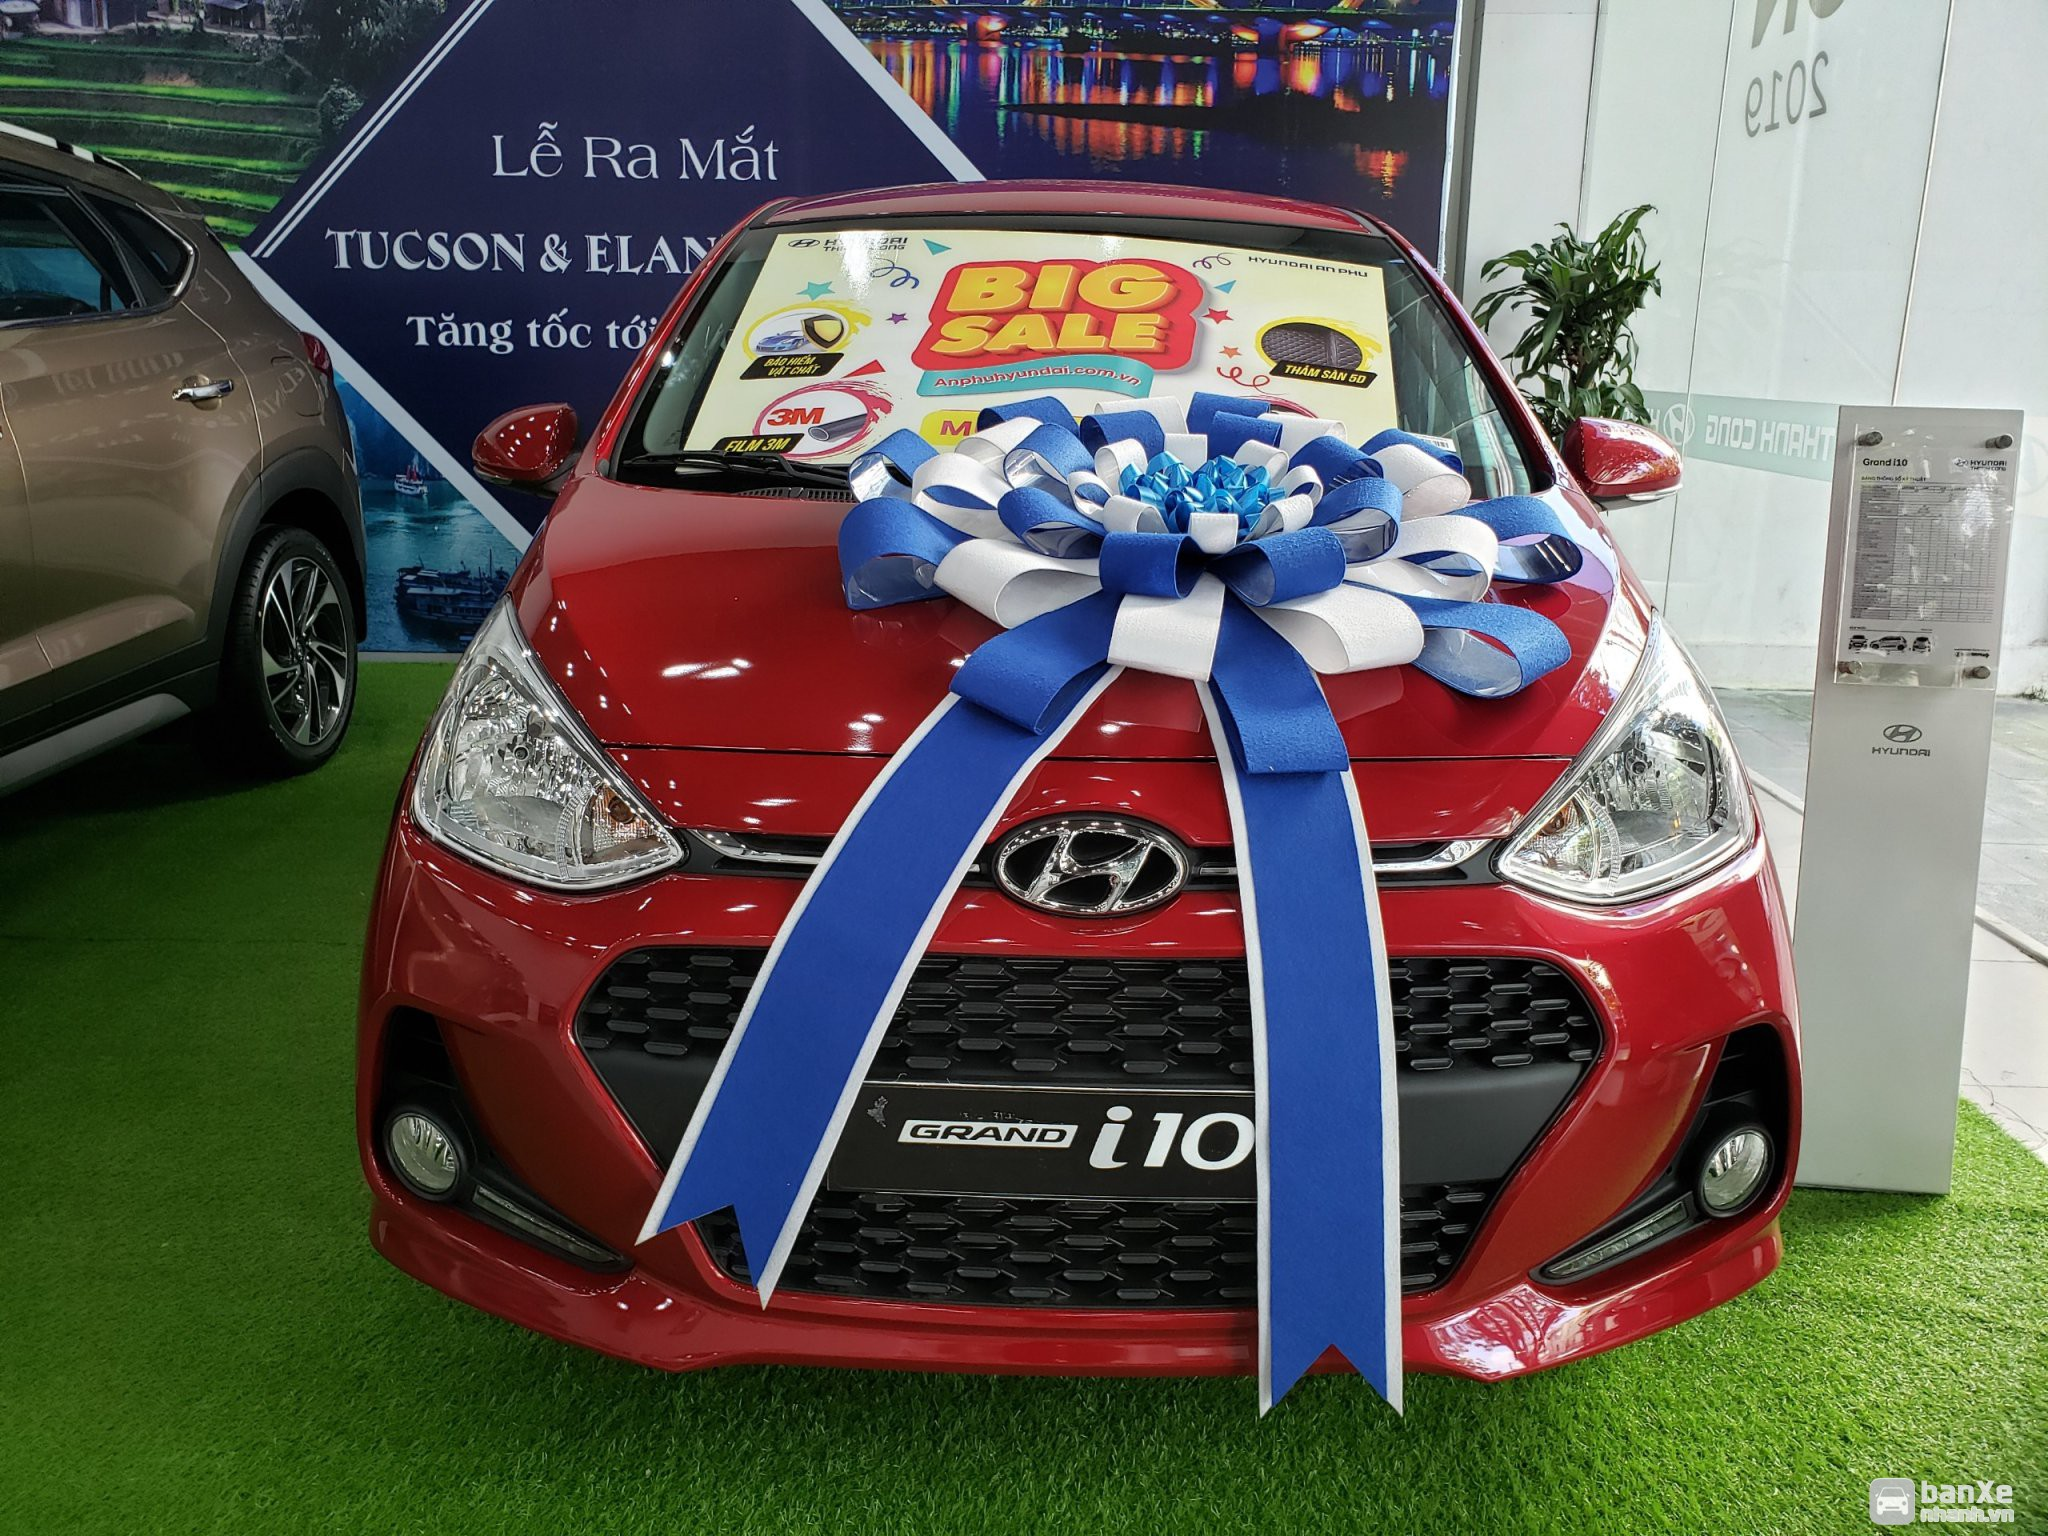 Hyundai I10 mẫu xe VUA phân khúc kinh doanh Grab, ưu đãi sâu Tháng 8